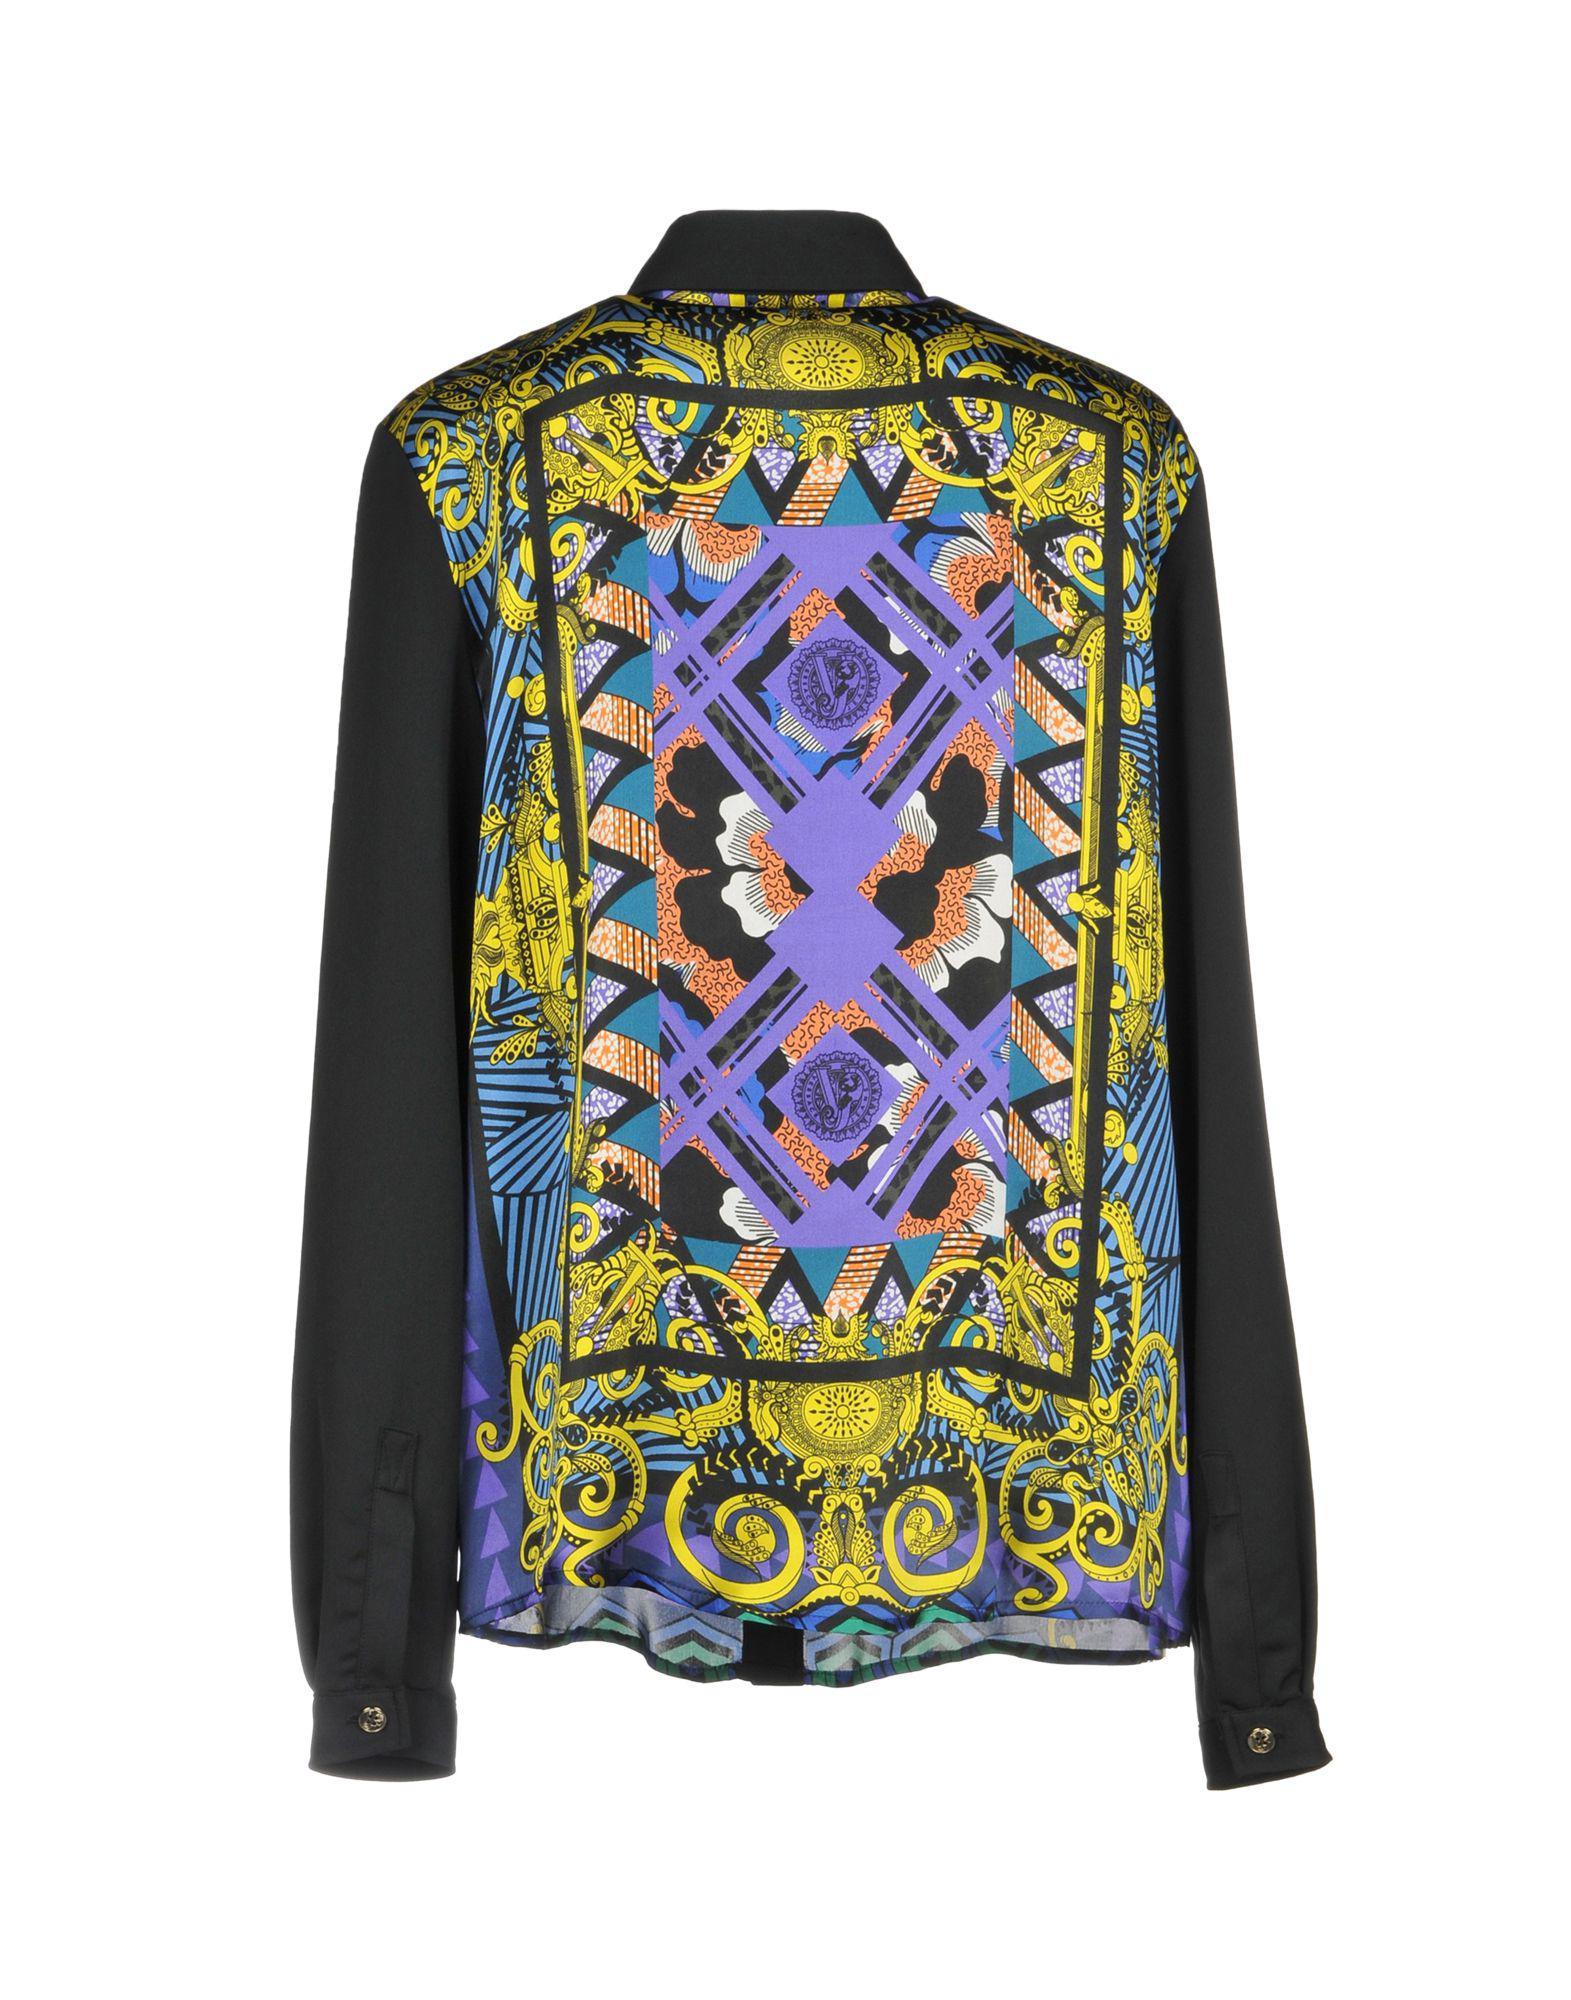 b1e0690b27f Coloris Versace Chemise Jeans En Lyst Noir x0Iqwp5p